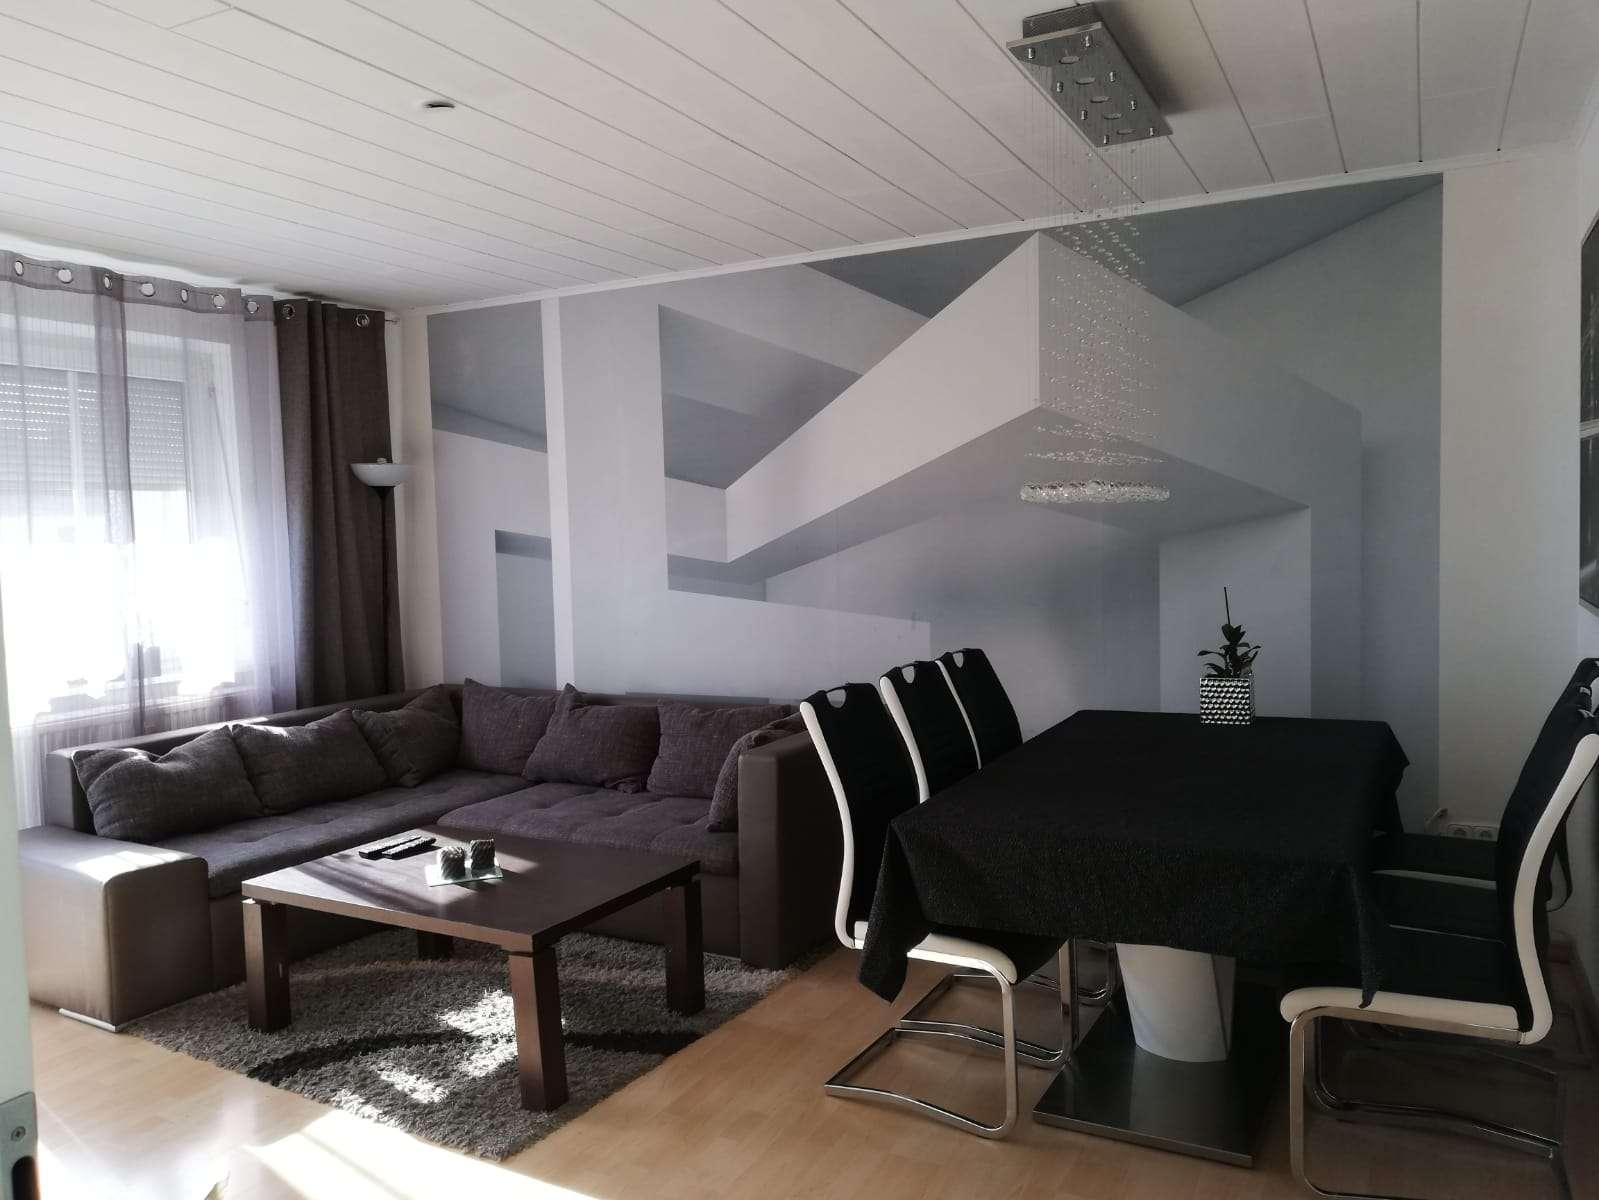 Gepflegte 4-Zimmer-Wohnung mit Balkon und Einbauküche in Rain am Lech in Rain (Donau-Ries)